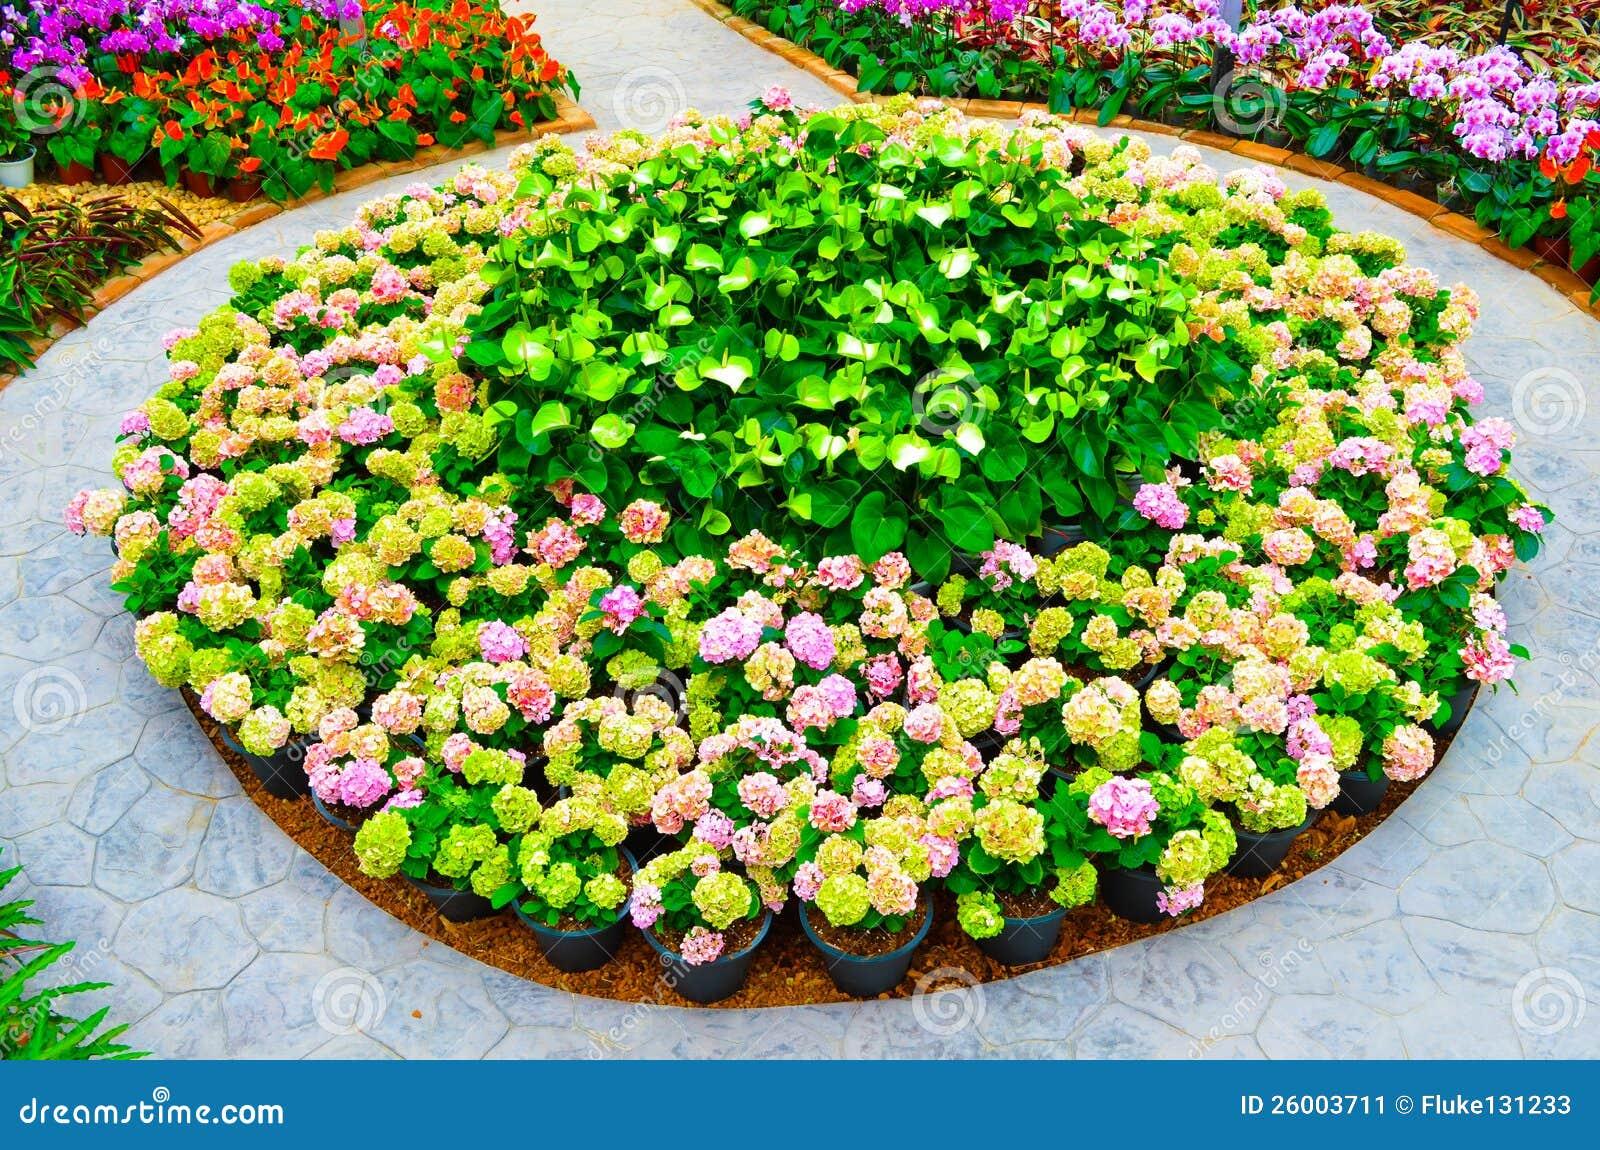 Garden arrangement stock image image 26003711 for Garden arrangement